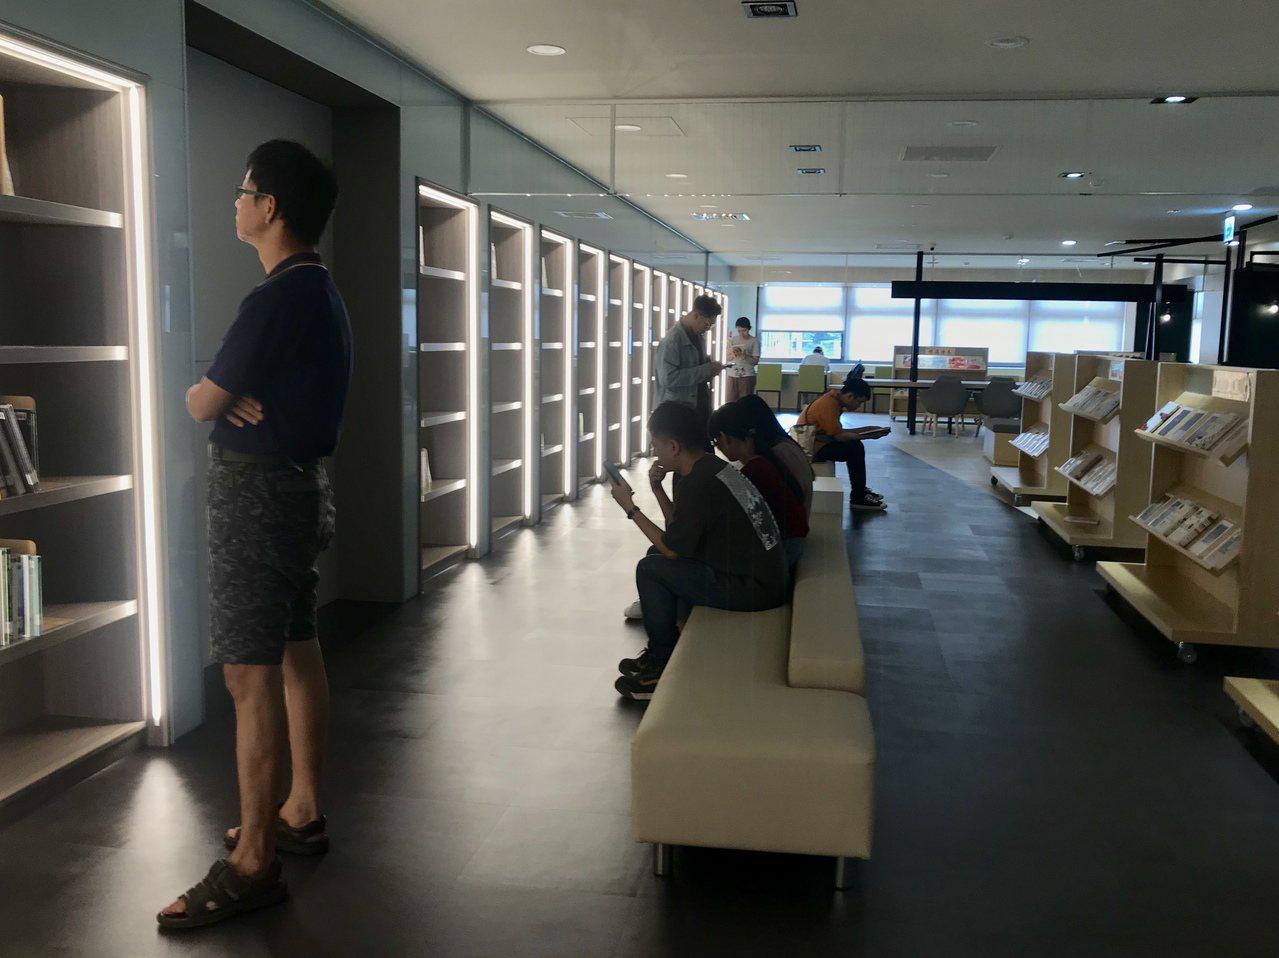 屏科大圖書館斥資兩千萬整修,以工業風格打造舒適閱讀環境。記者江國豪/攝影